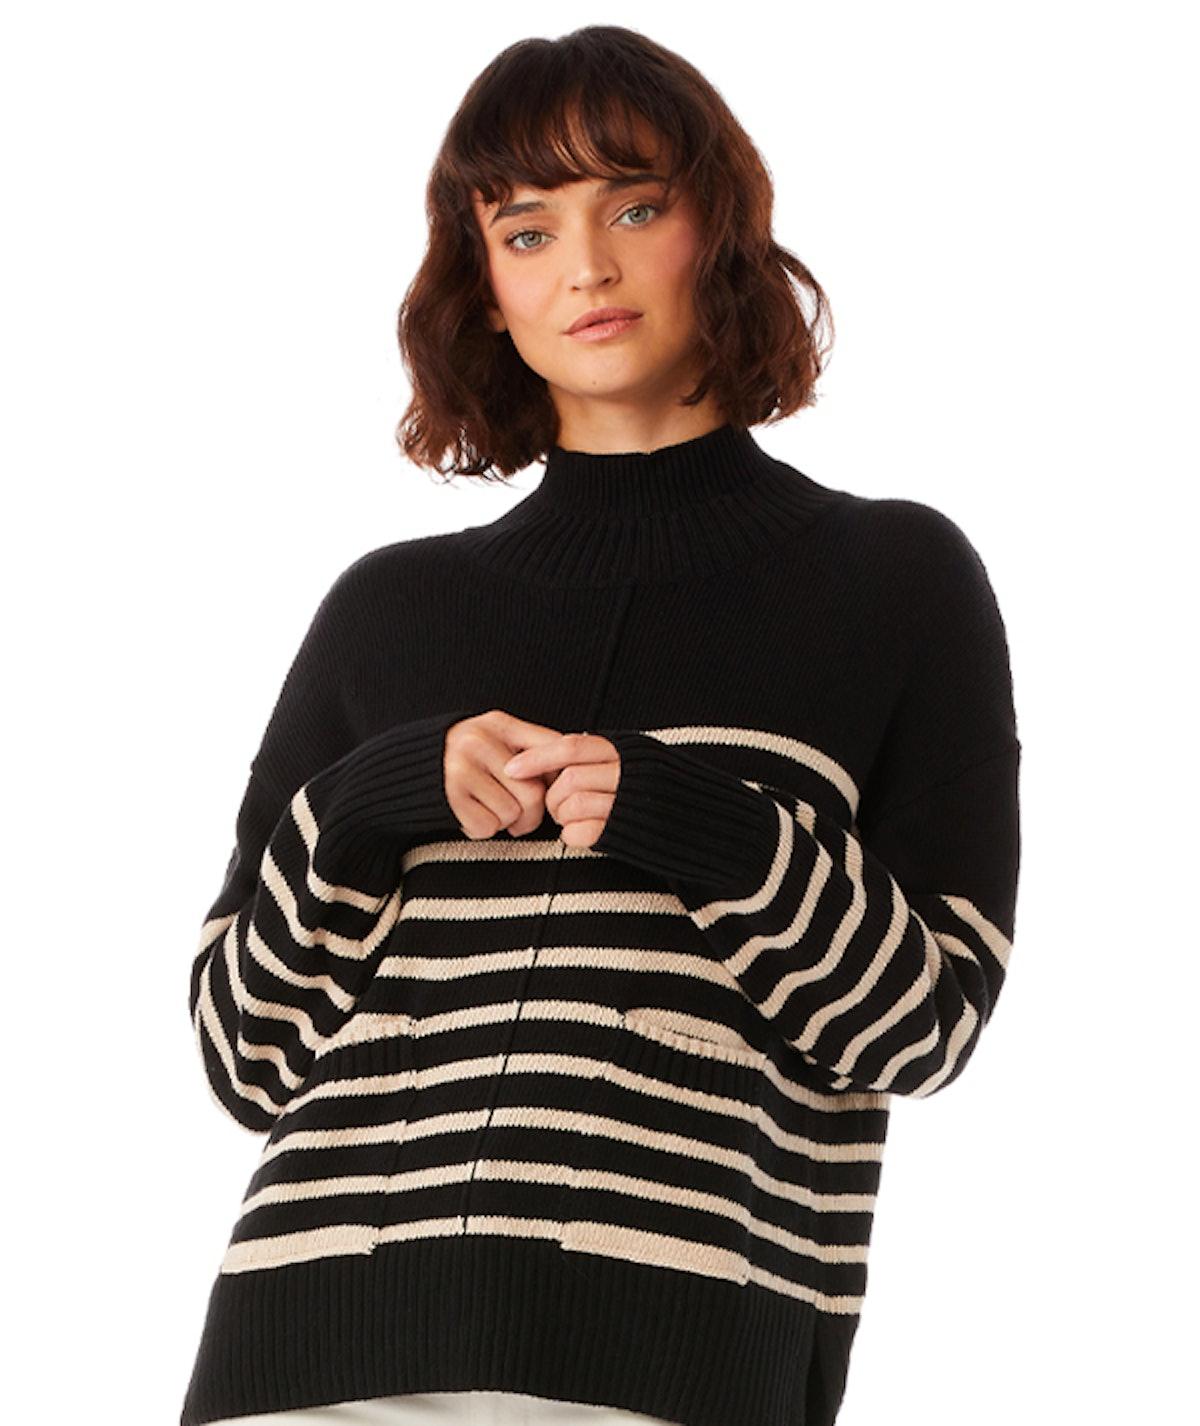 Boxy Mockneck Sweater